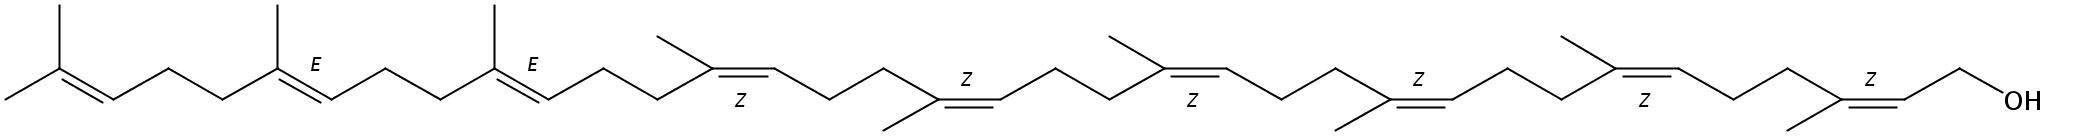 Structural formula of Nonaprenol